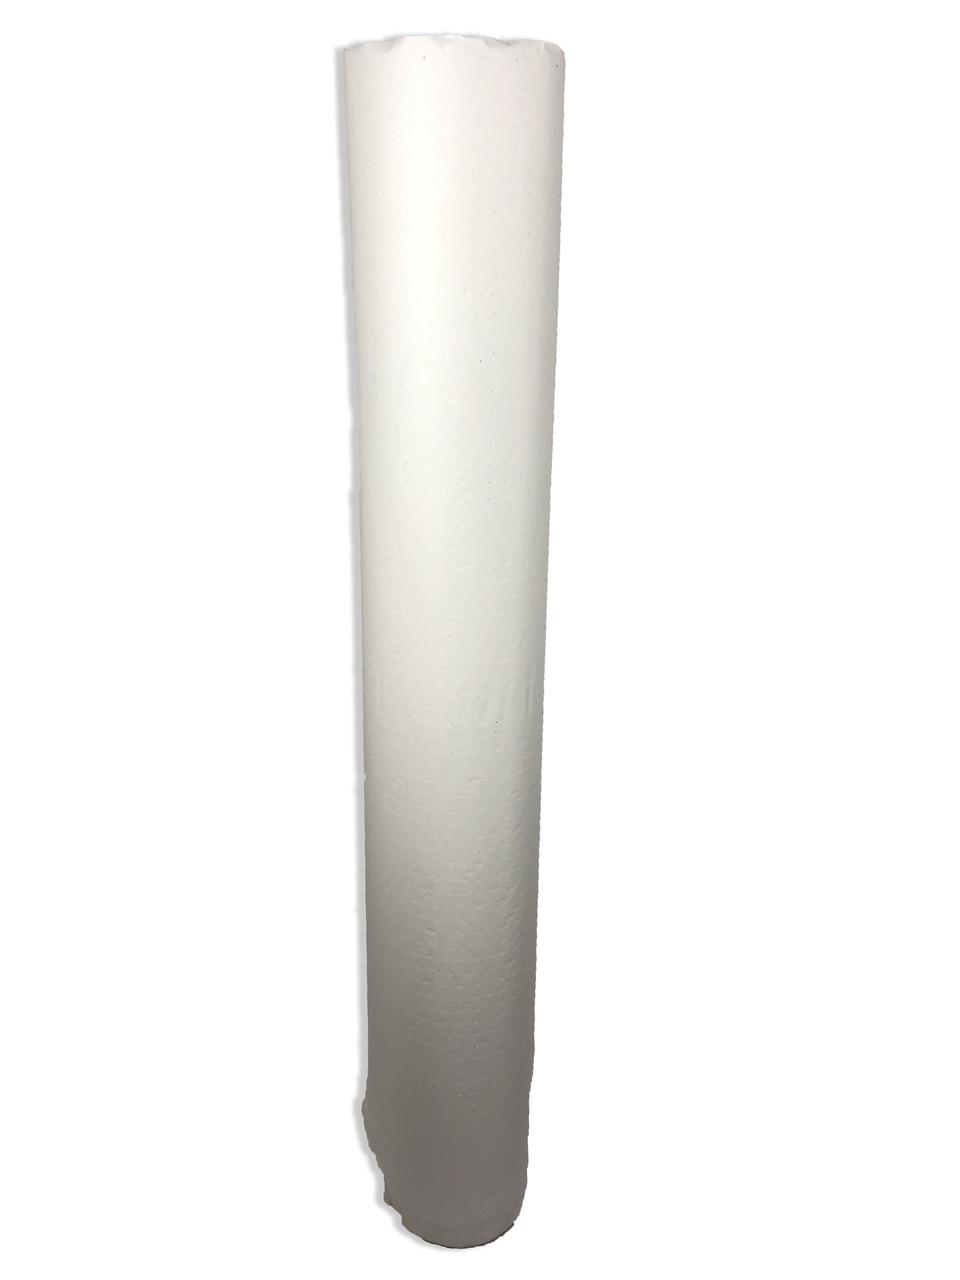 Клеевая бумага для плоттера Италия, 81 см / 62г рулон 15кг